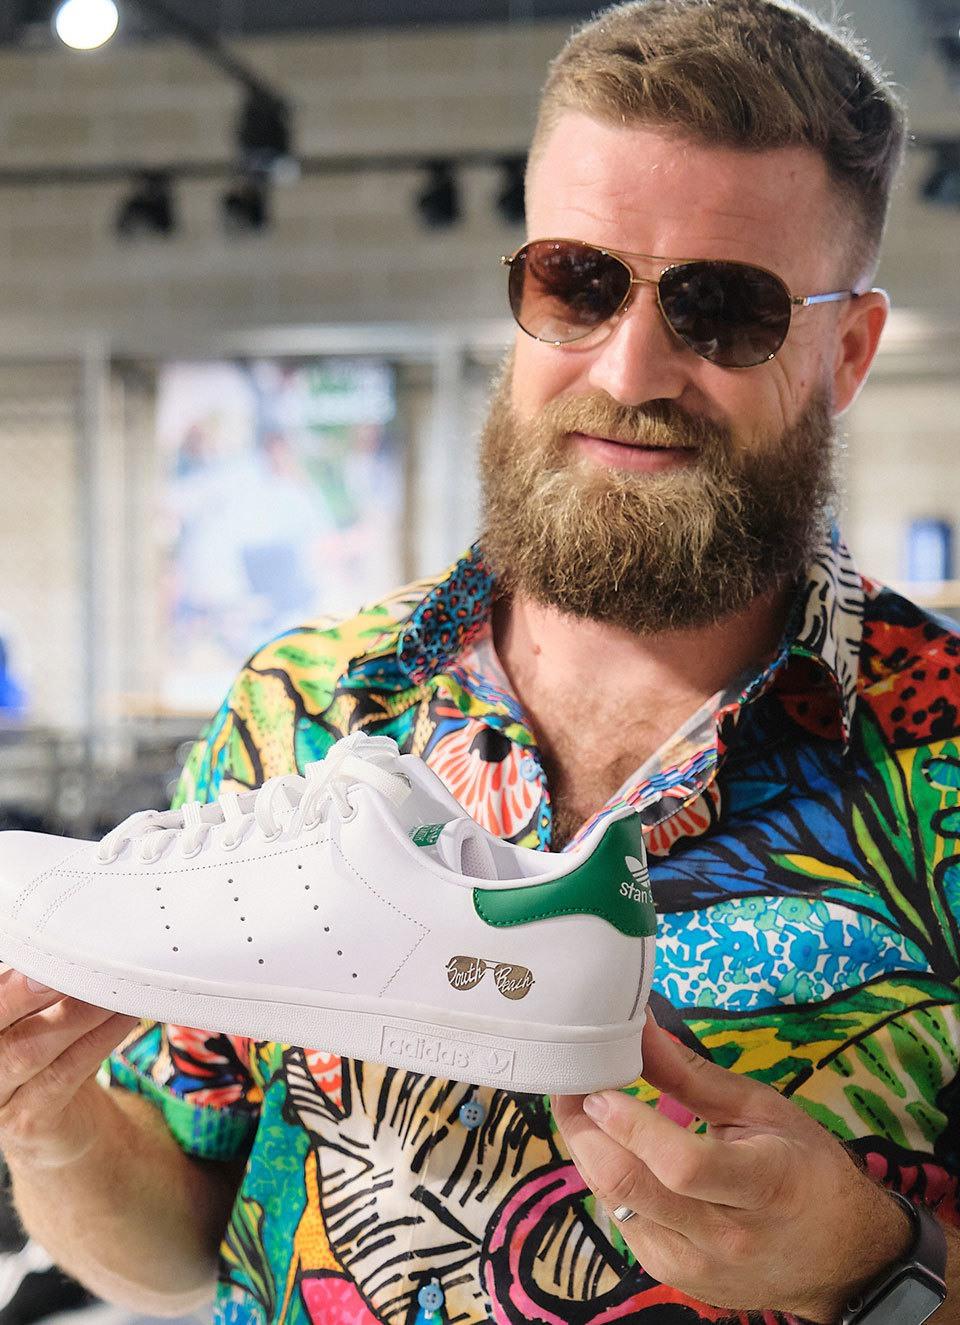 Adidas SB54 Miami R10 C1 V1